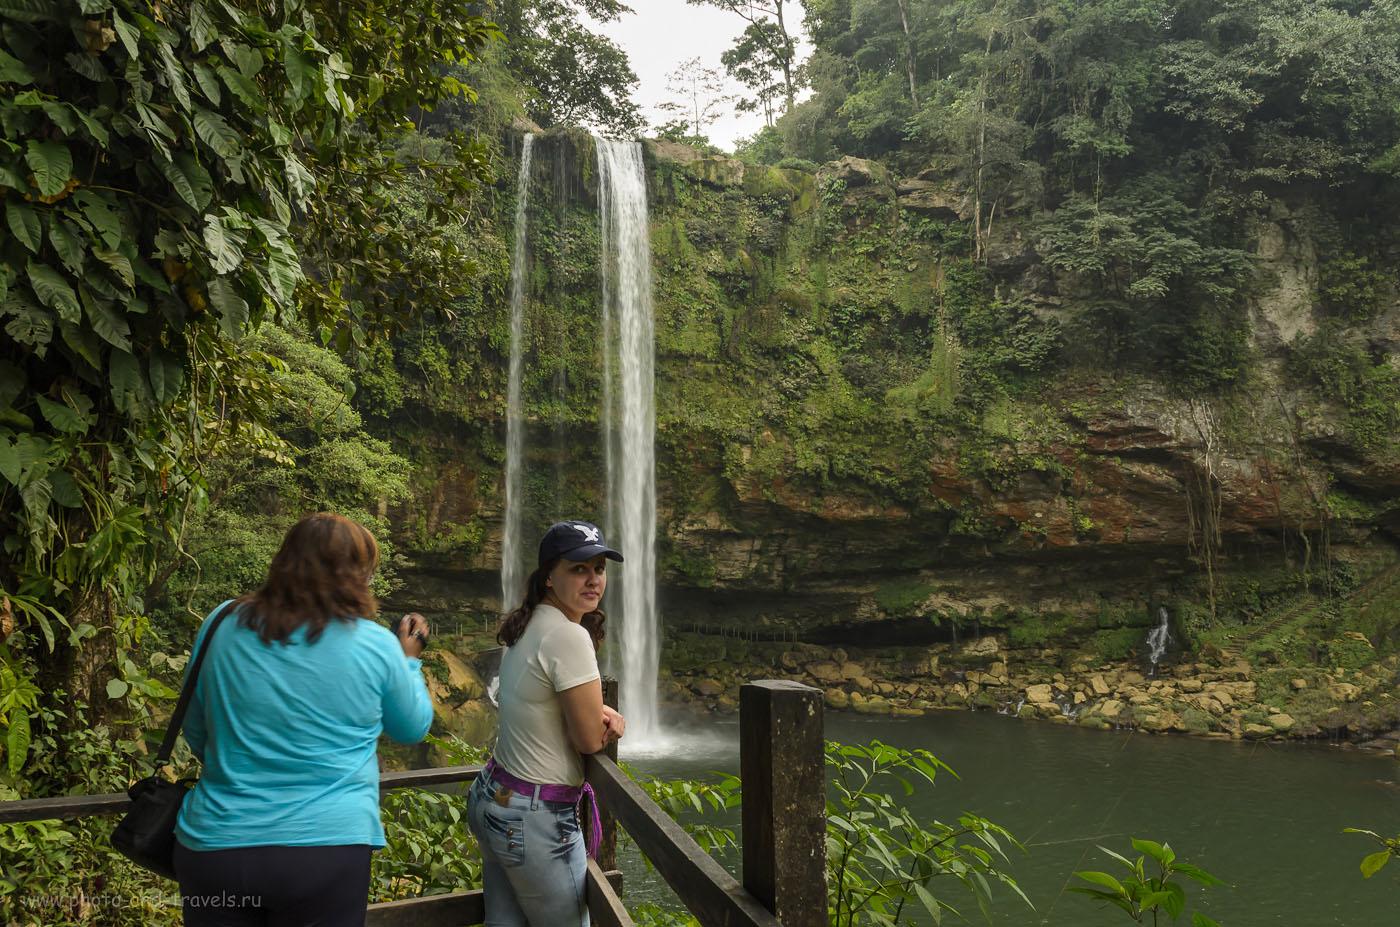 Фотография 7. Экскурсия на водопад Мисоль-Ха (Misol-Ha) в окрестностях города Паленке (Palenque). Отзывы туристов об отдыхе в Мексике дикарями.